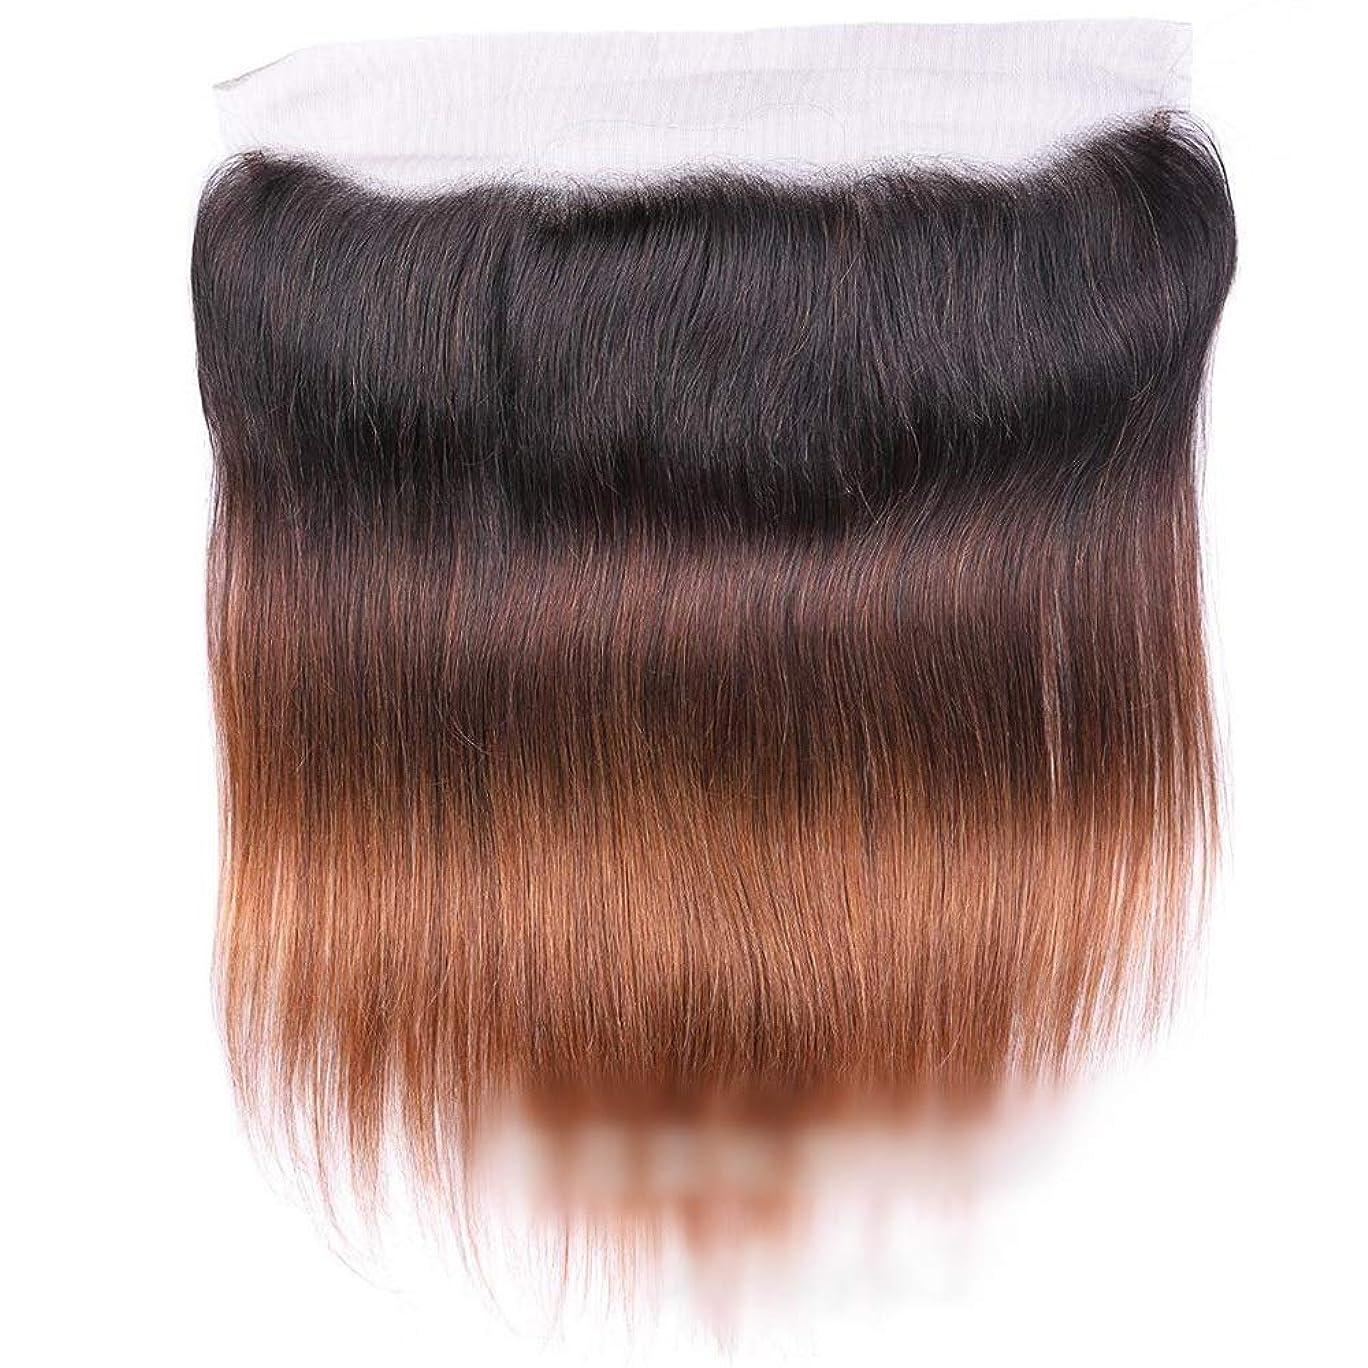 両方時々時々ピッチャーYESONEEP オンブルブラジルバージンヘアストレートレース閉鎖人間の髪の毛1B / 4/30 3トーンカラー(8インチ18インチ)ロングストレートヘアウィッグ (色 : ブラウン, サイズ : 16 inch)